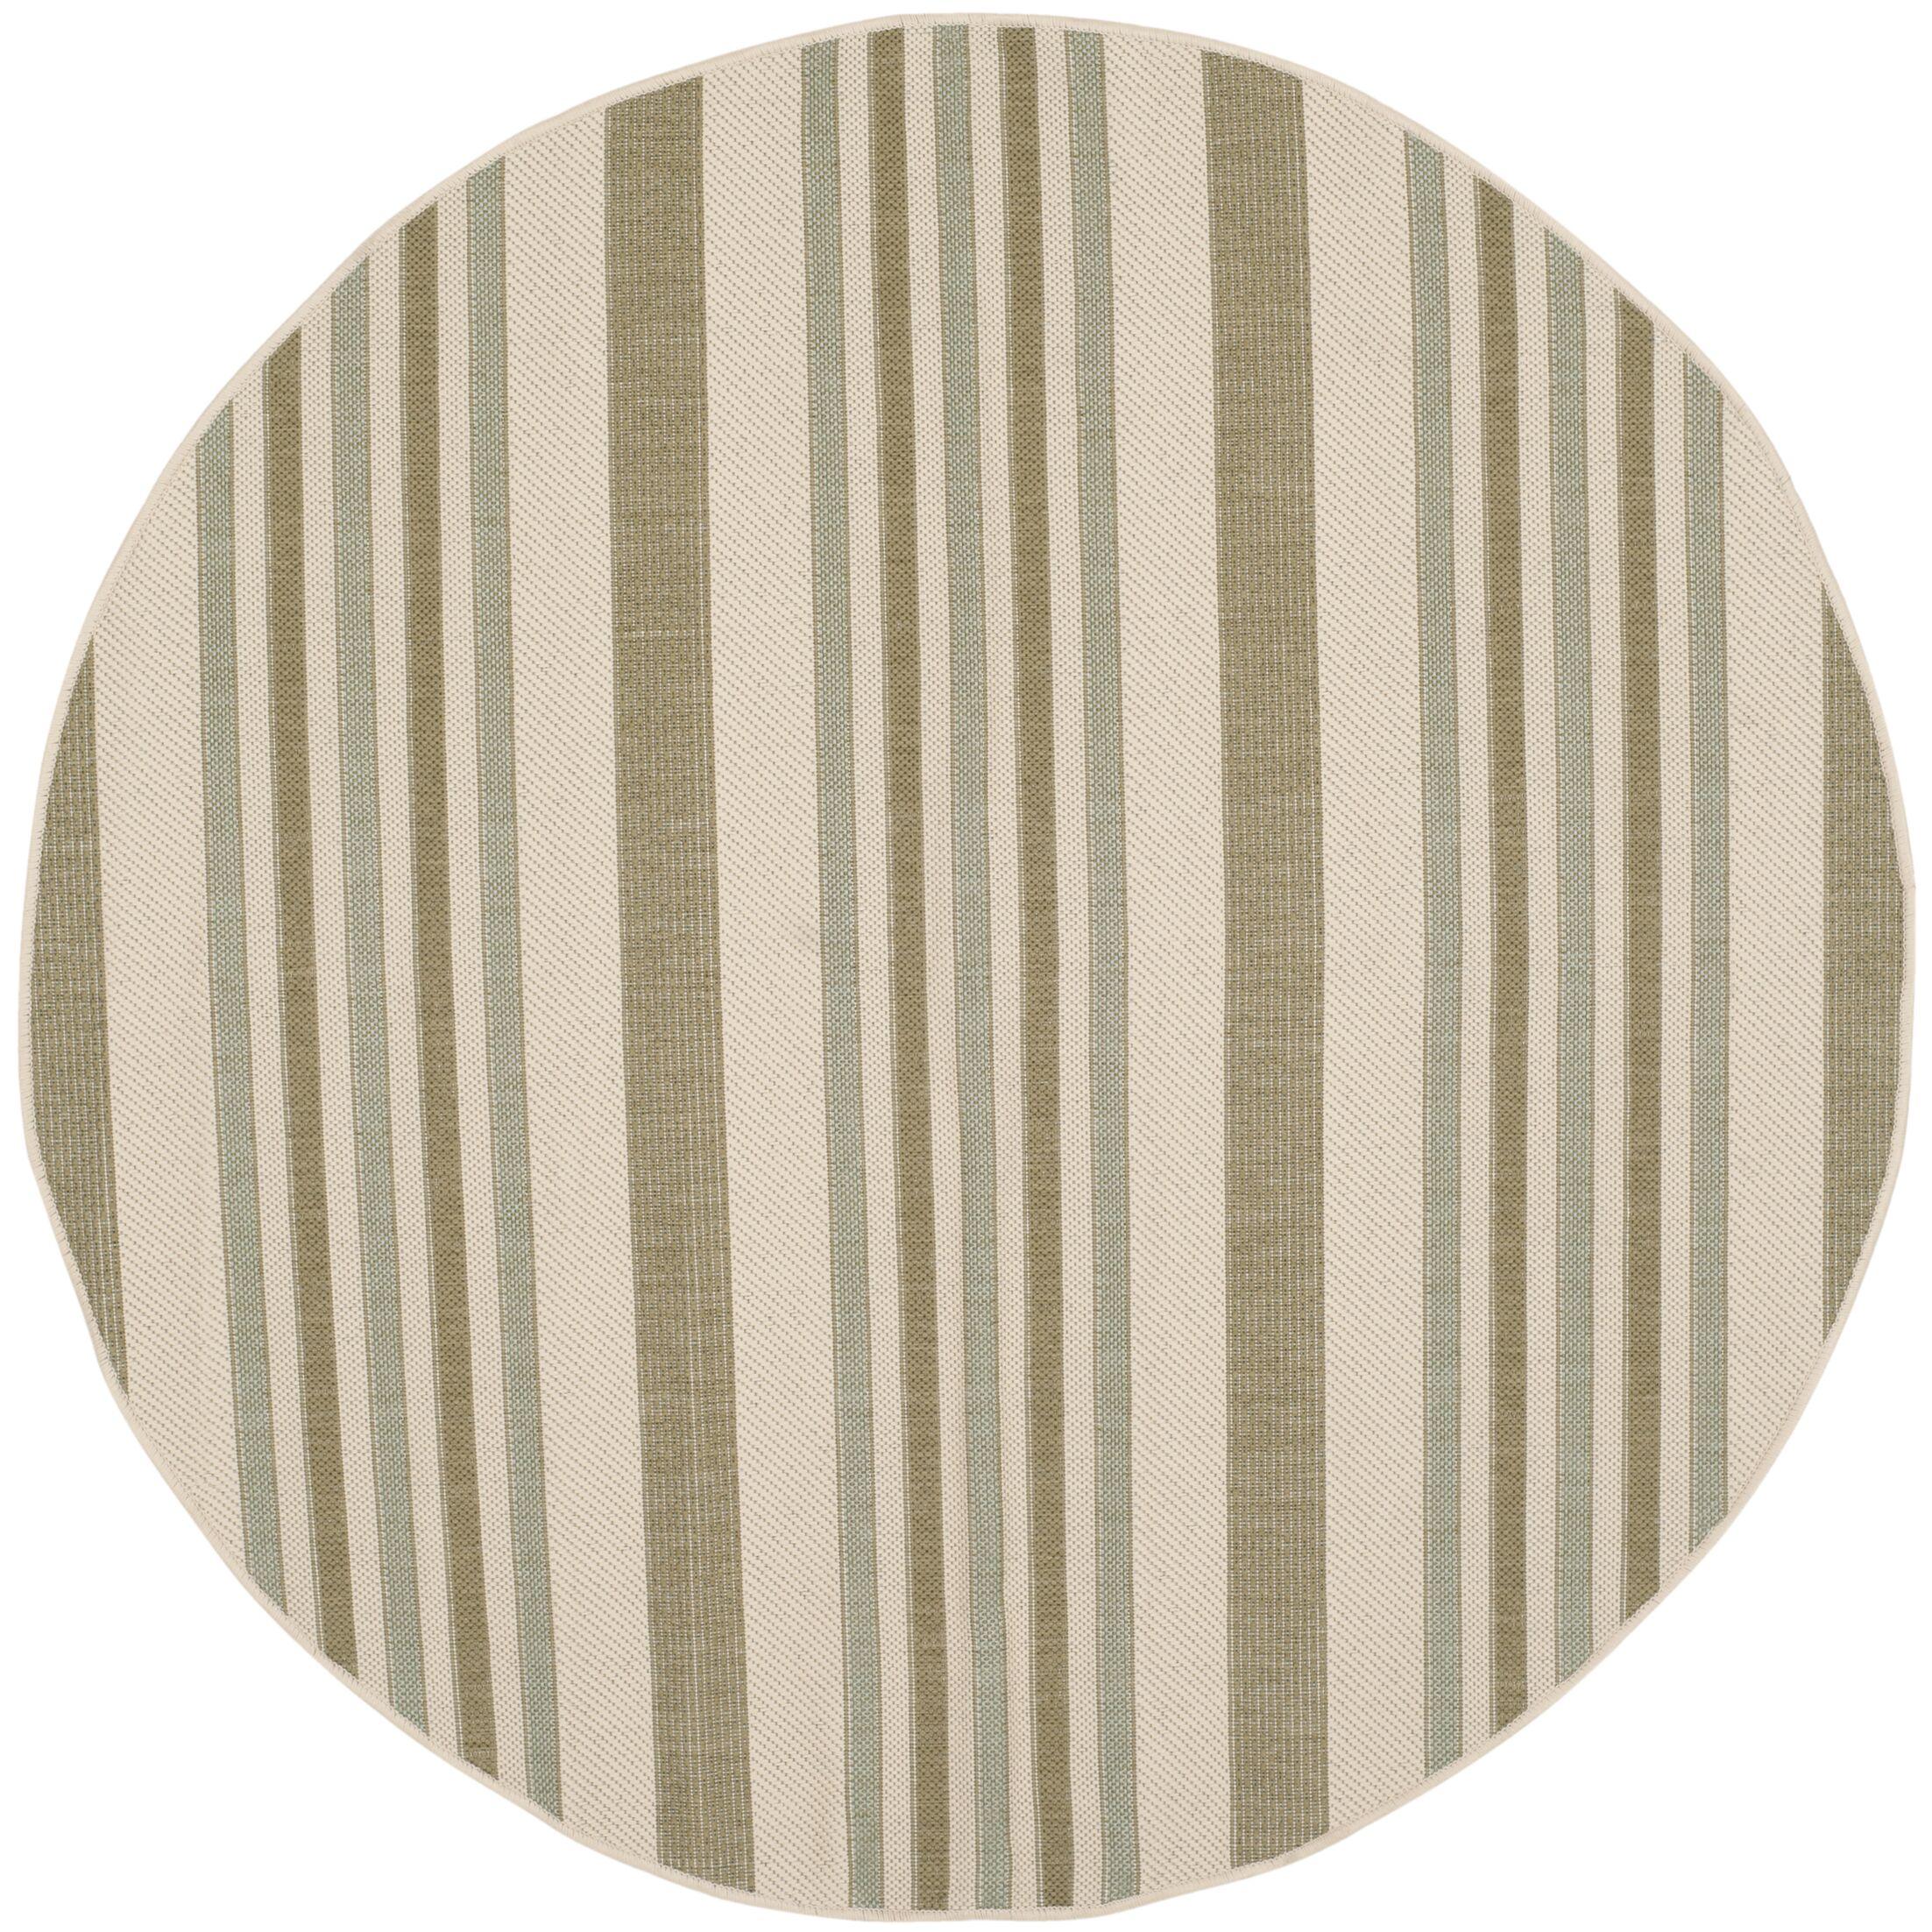 Octavius Beige / Green Indoor / Outdoor Area Rug Rug Size: Round 5'3